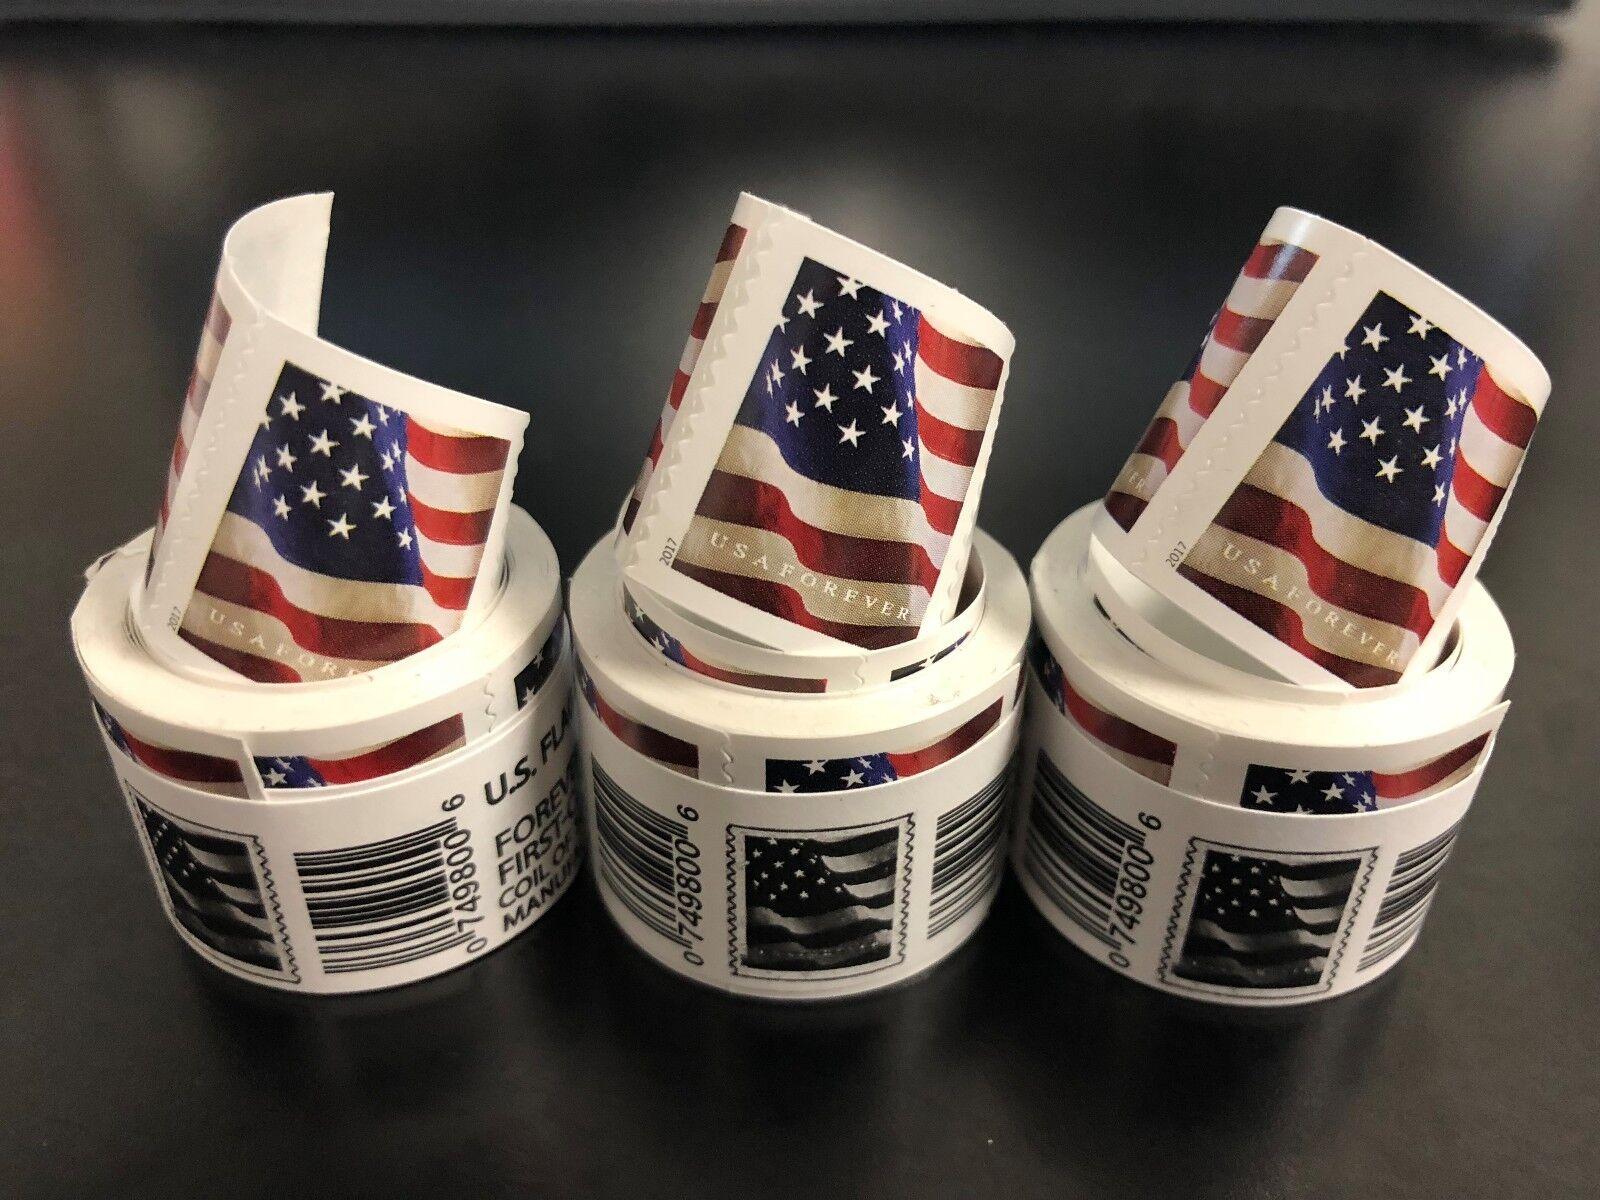 Купить USPS- US Flag 3 coils of 100 (300 FOREVER Stamps) $150 value